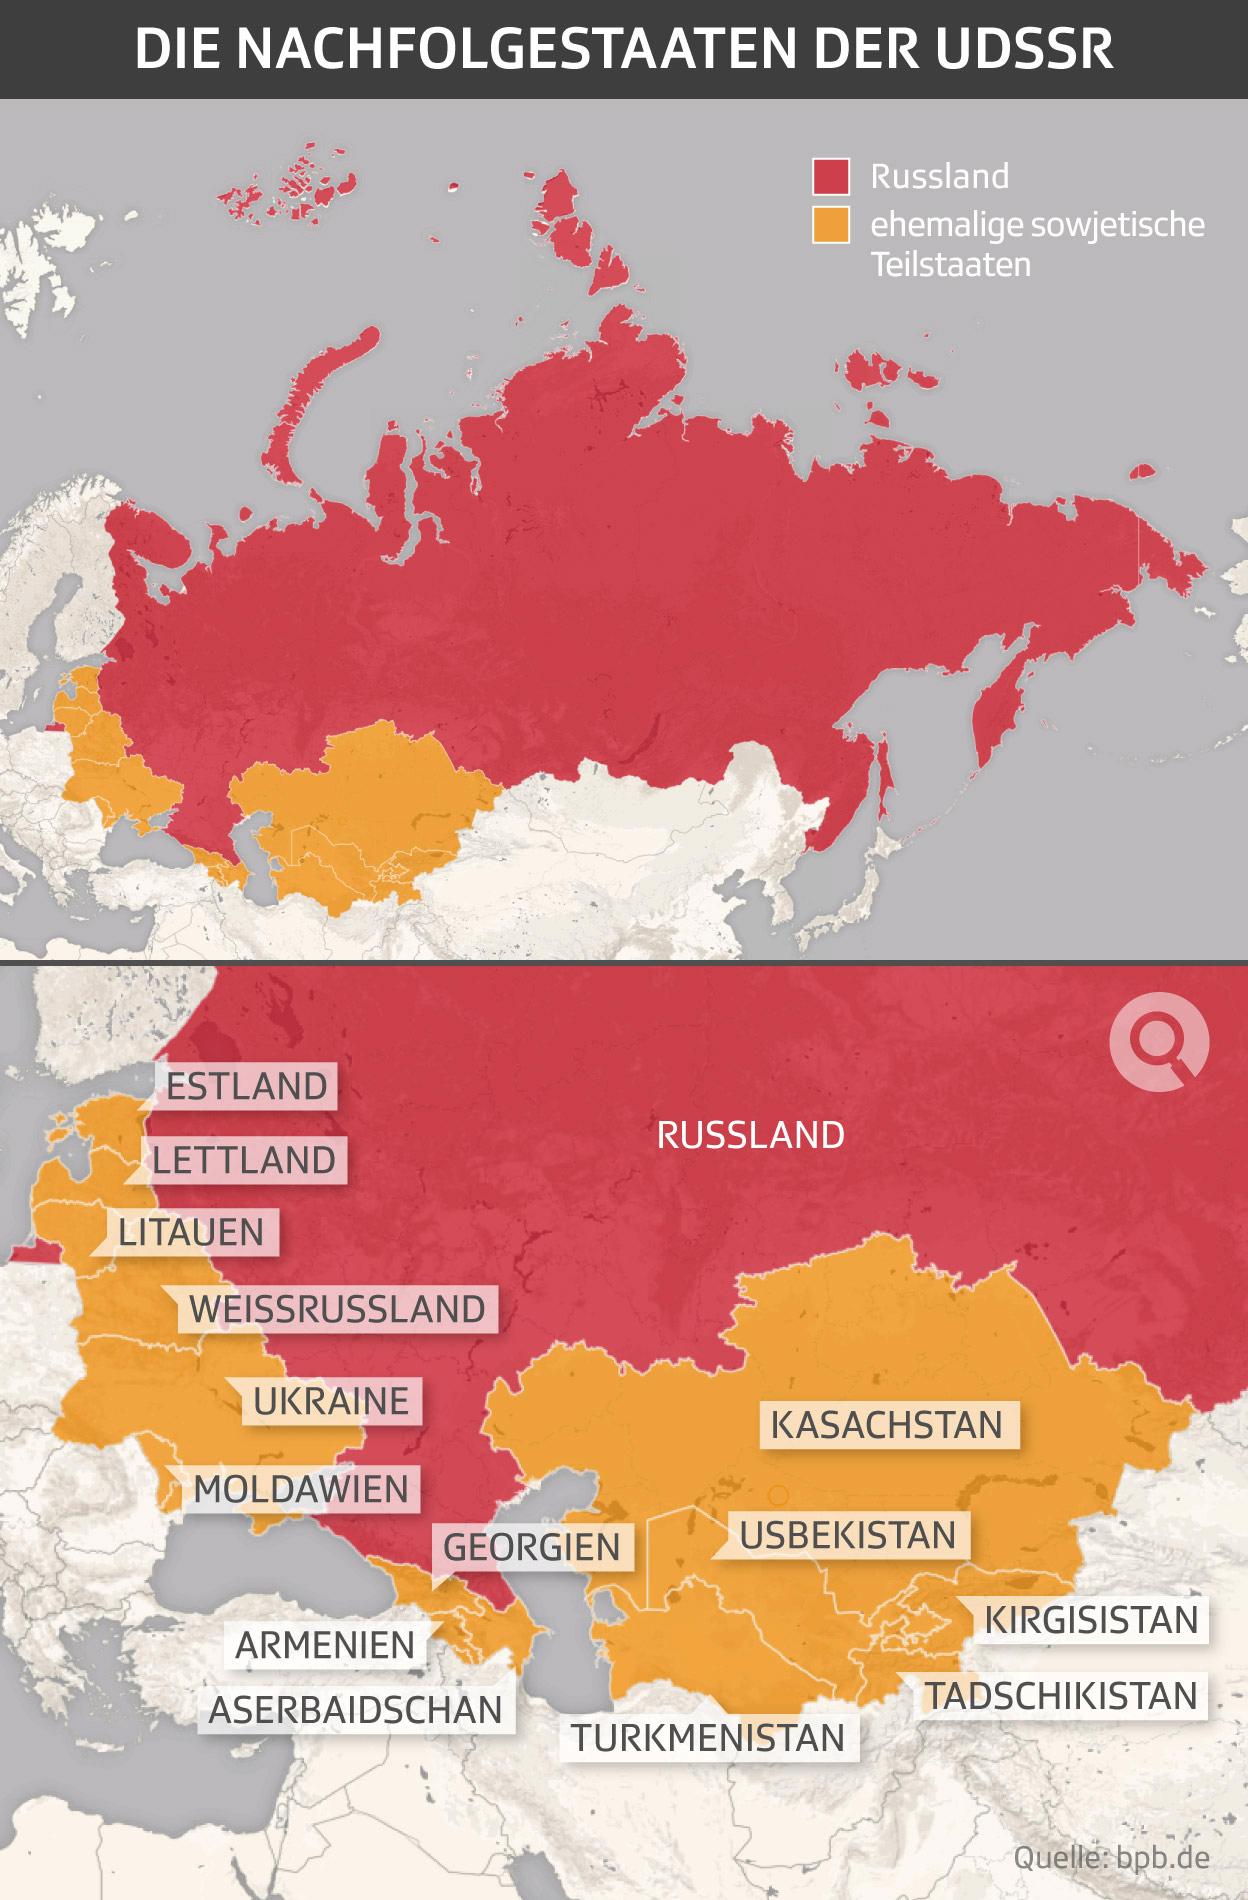 Der Zerfall der Sowjetunion